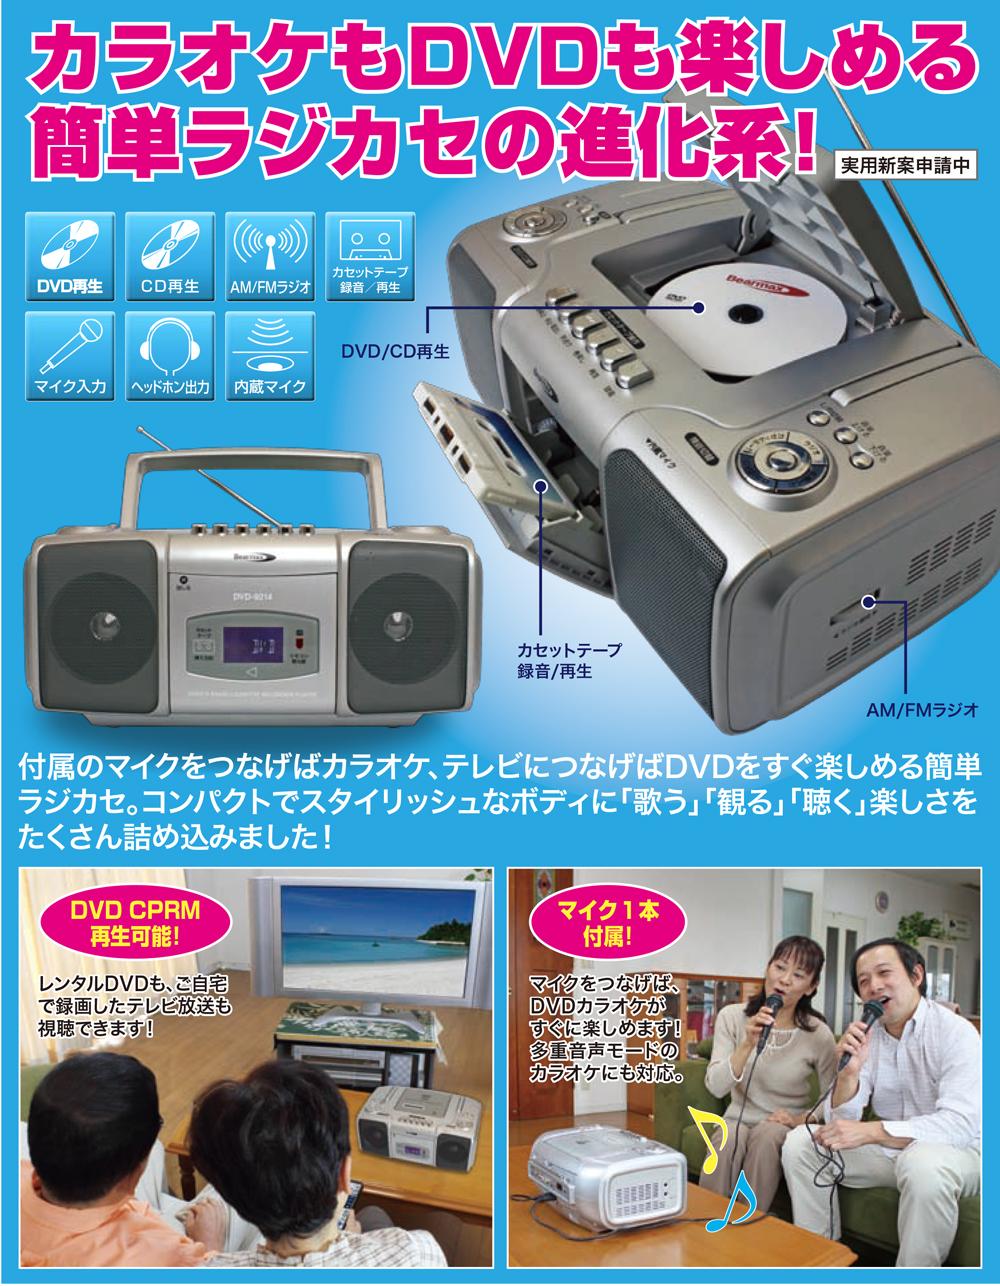 DVDラジカセ簡単カラオケセット イメージ2